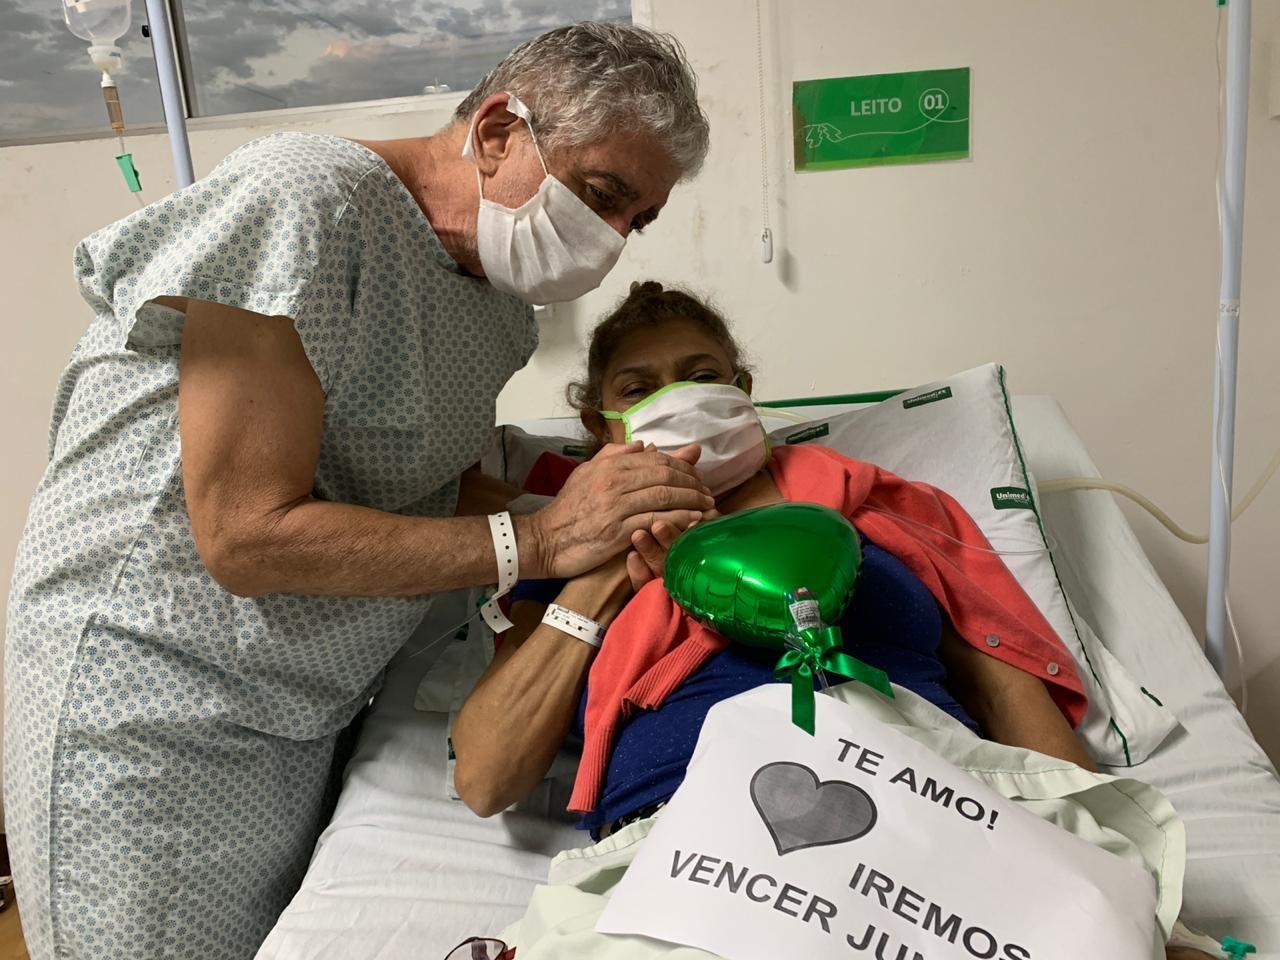 Casal diagnosticado com Covid-19 comemora bodas de esmeralda em hospital de Teresina: 'Iremos vencer juntos'